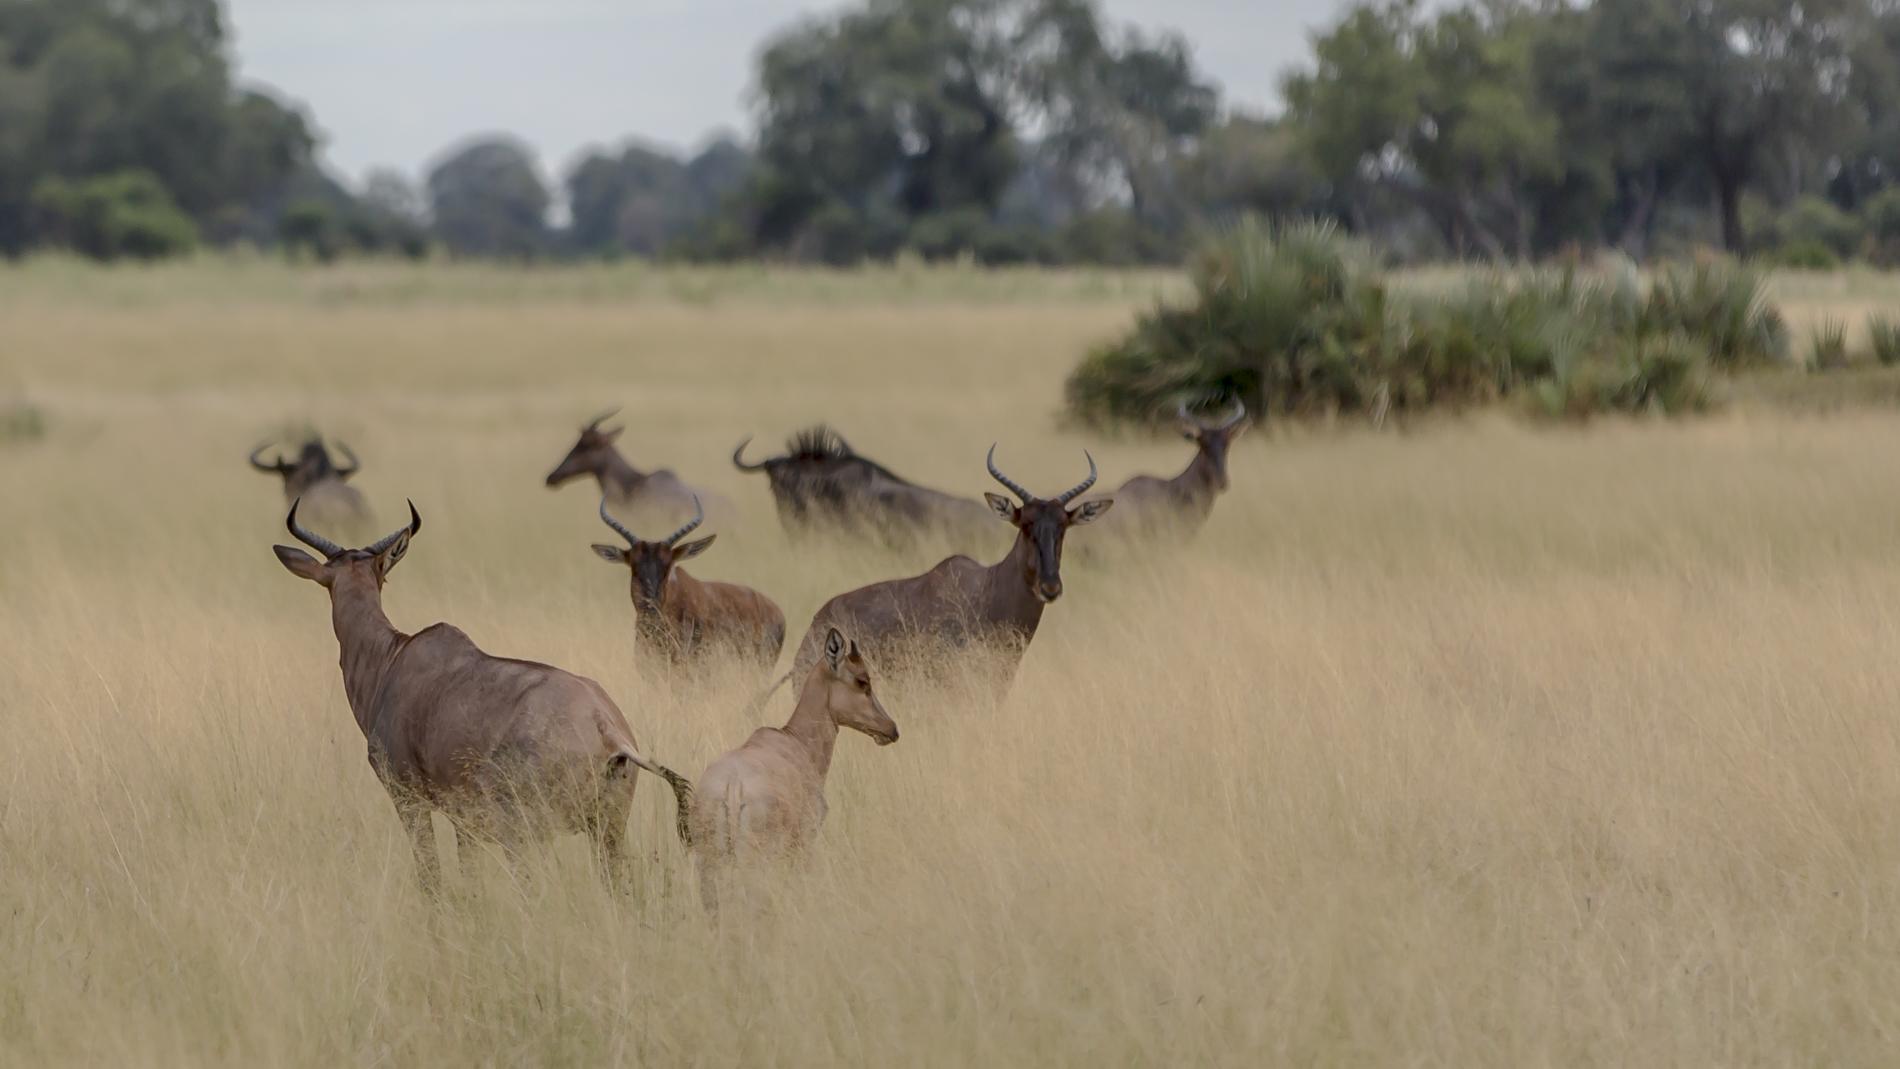 Watchung tsessebe at African Horseback Safaris